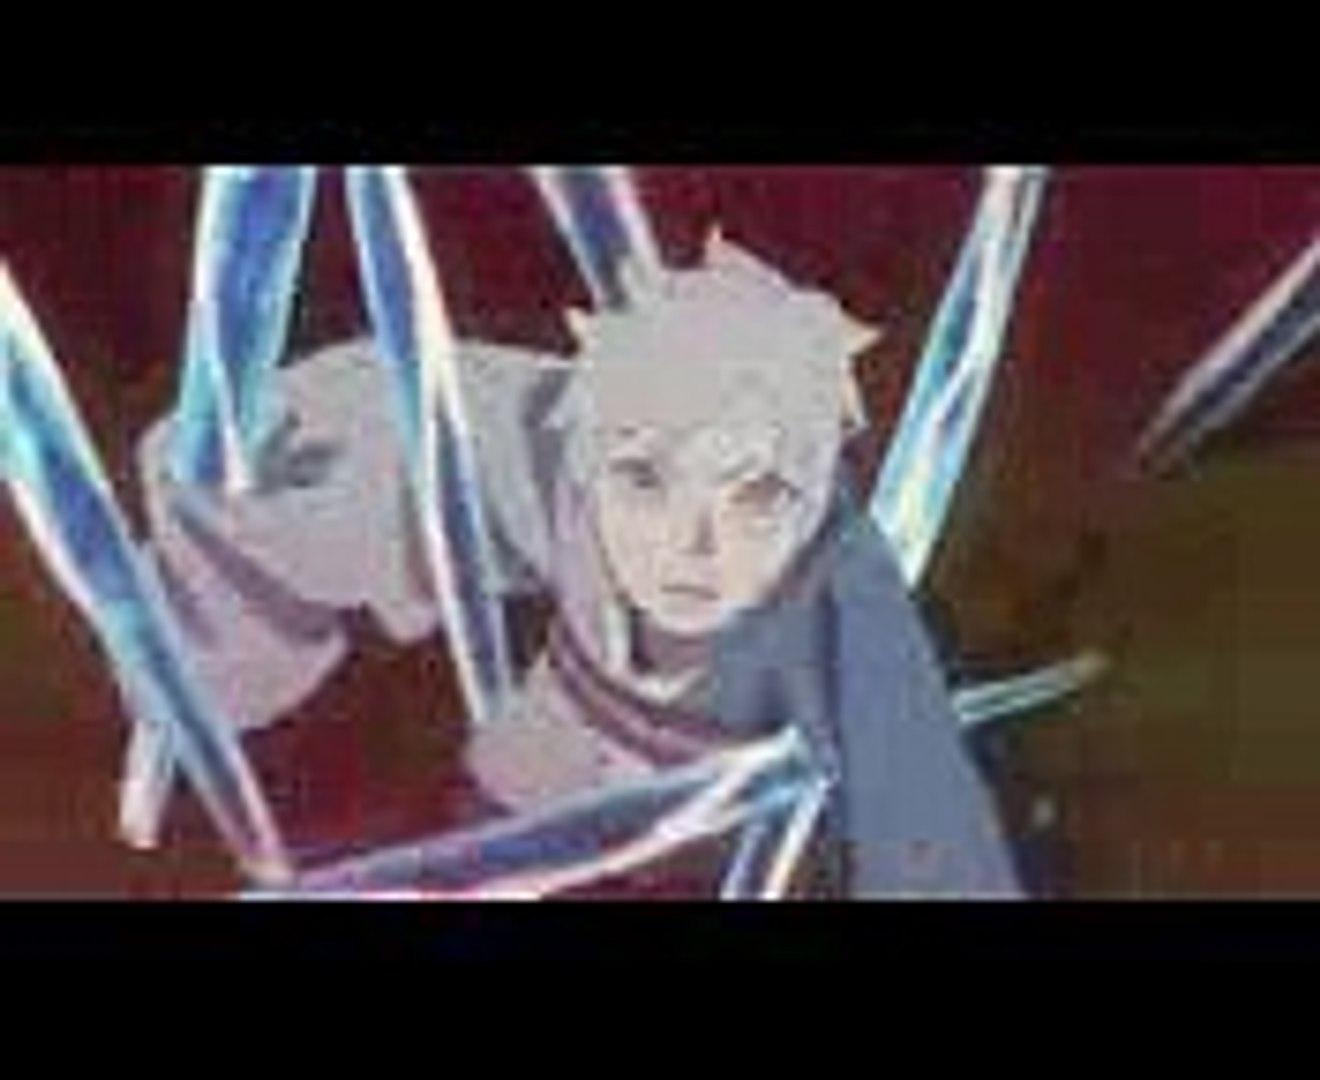 Boruto & Kagura vs. Shizuma 「 AMV 」- Boruto Naruto Next Generations